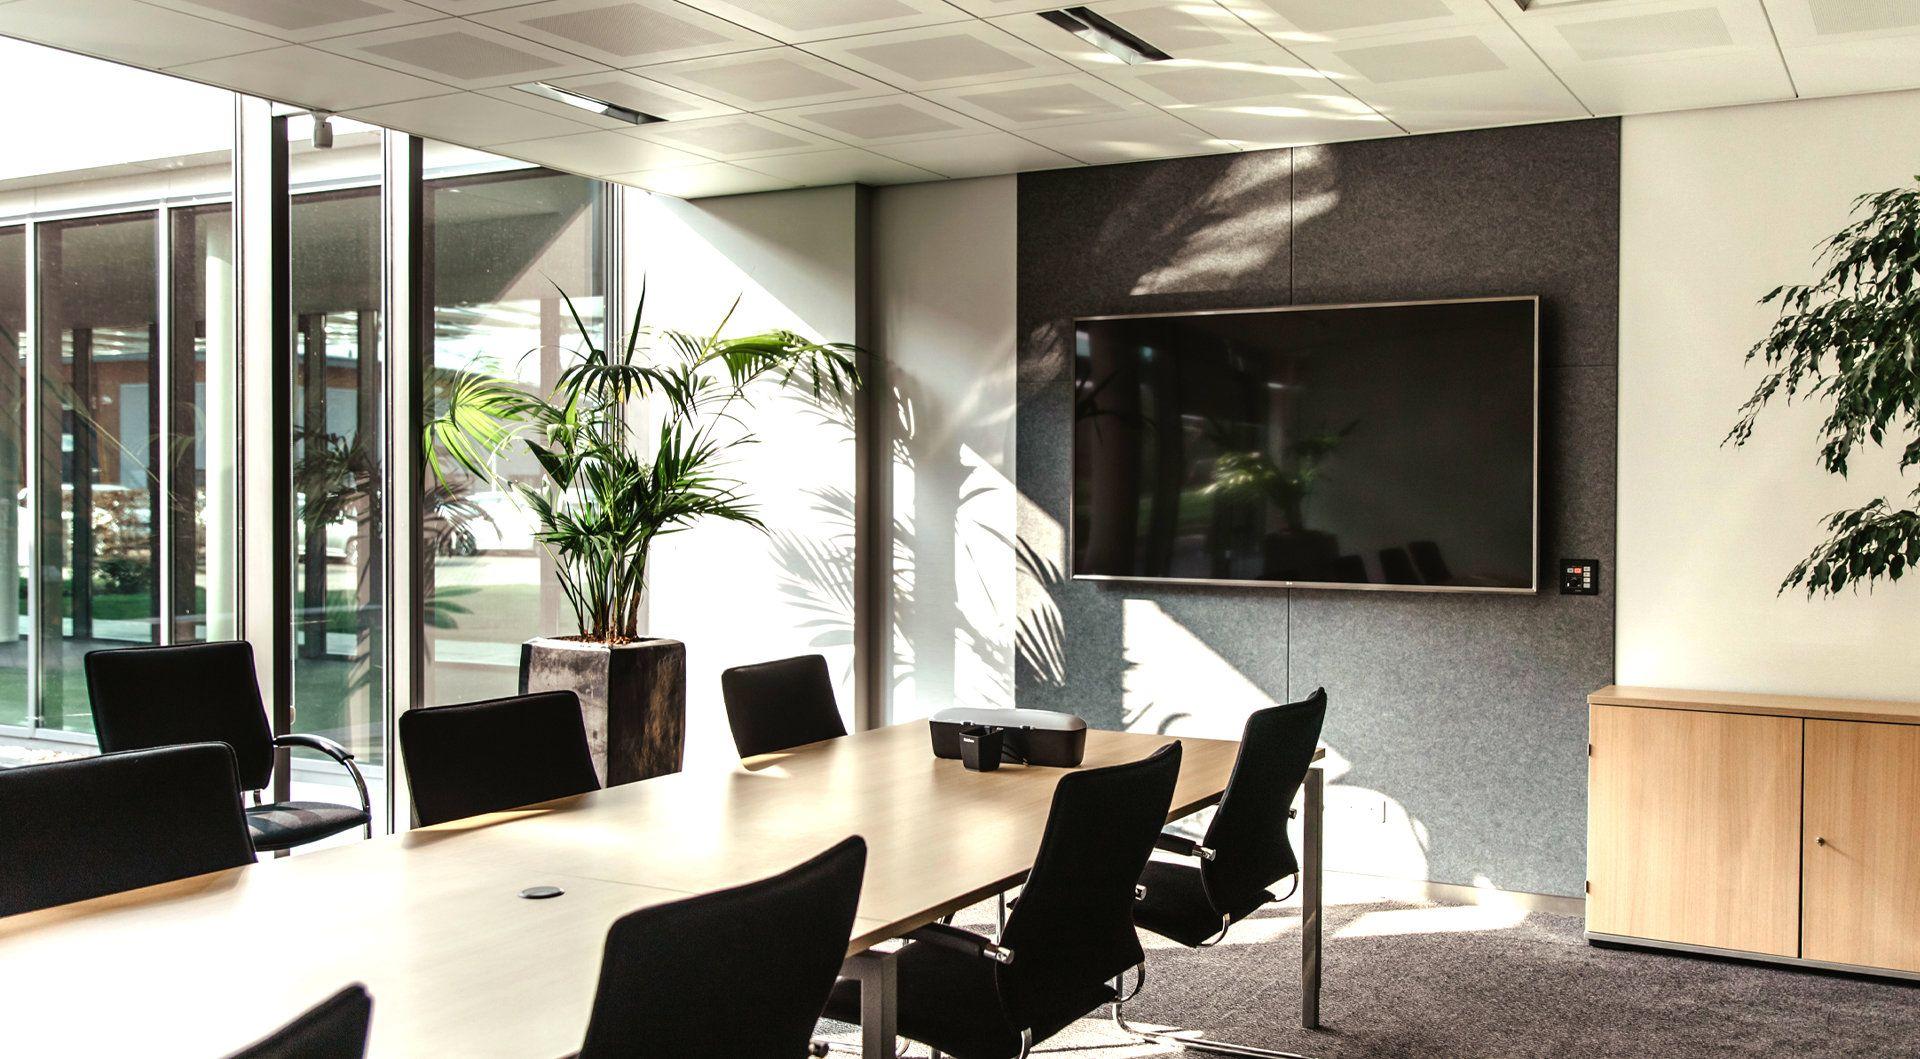 """Projecta HomeScreen Deluxe 154x236 projectiescherm 2,59 m (102"""") 16:10 - Case studie de vries"""